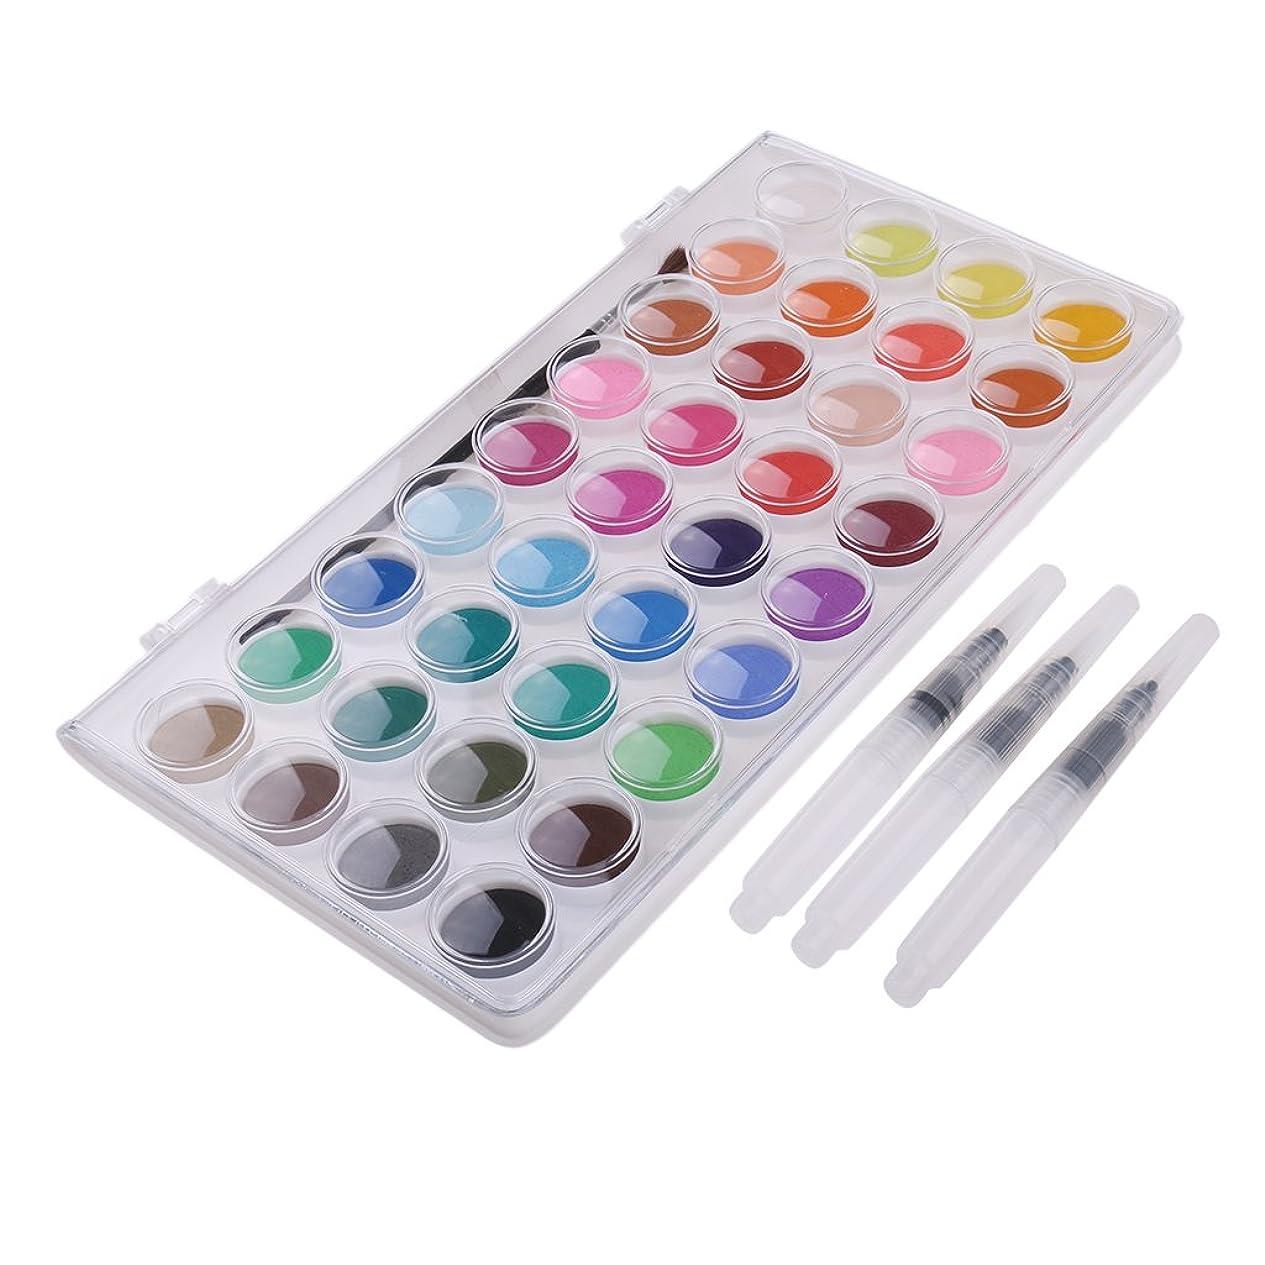 物理的に丈夫見積りdailymall 水彩絵の具は水ブラシのペンの絵画芸術家のキットとの36色を置きました